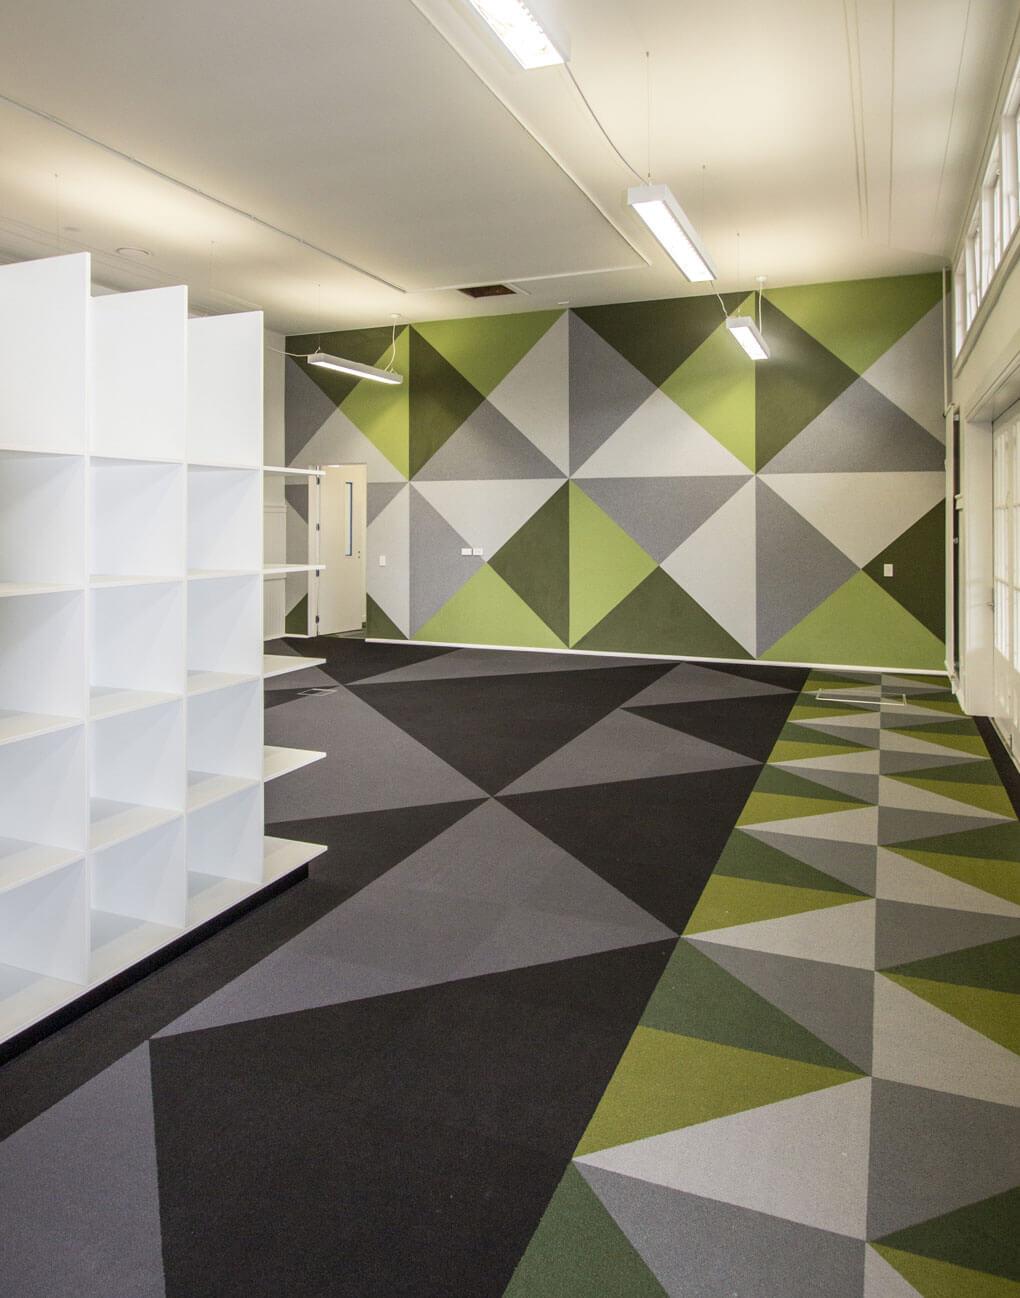 autex quietspace composition acoustic peel n stick tiles